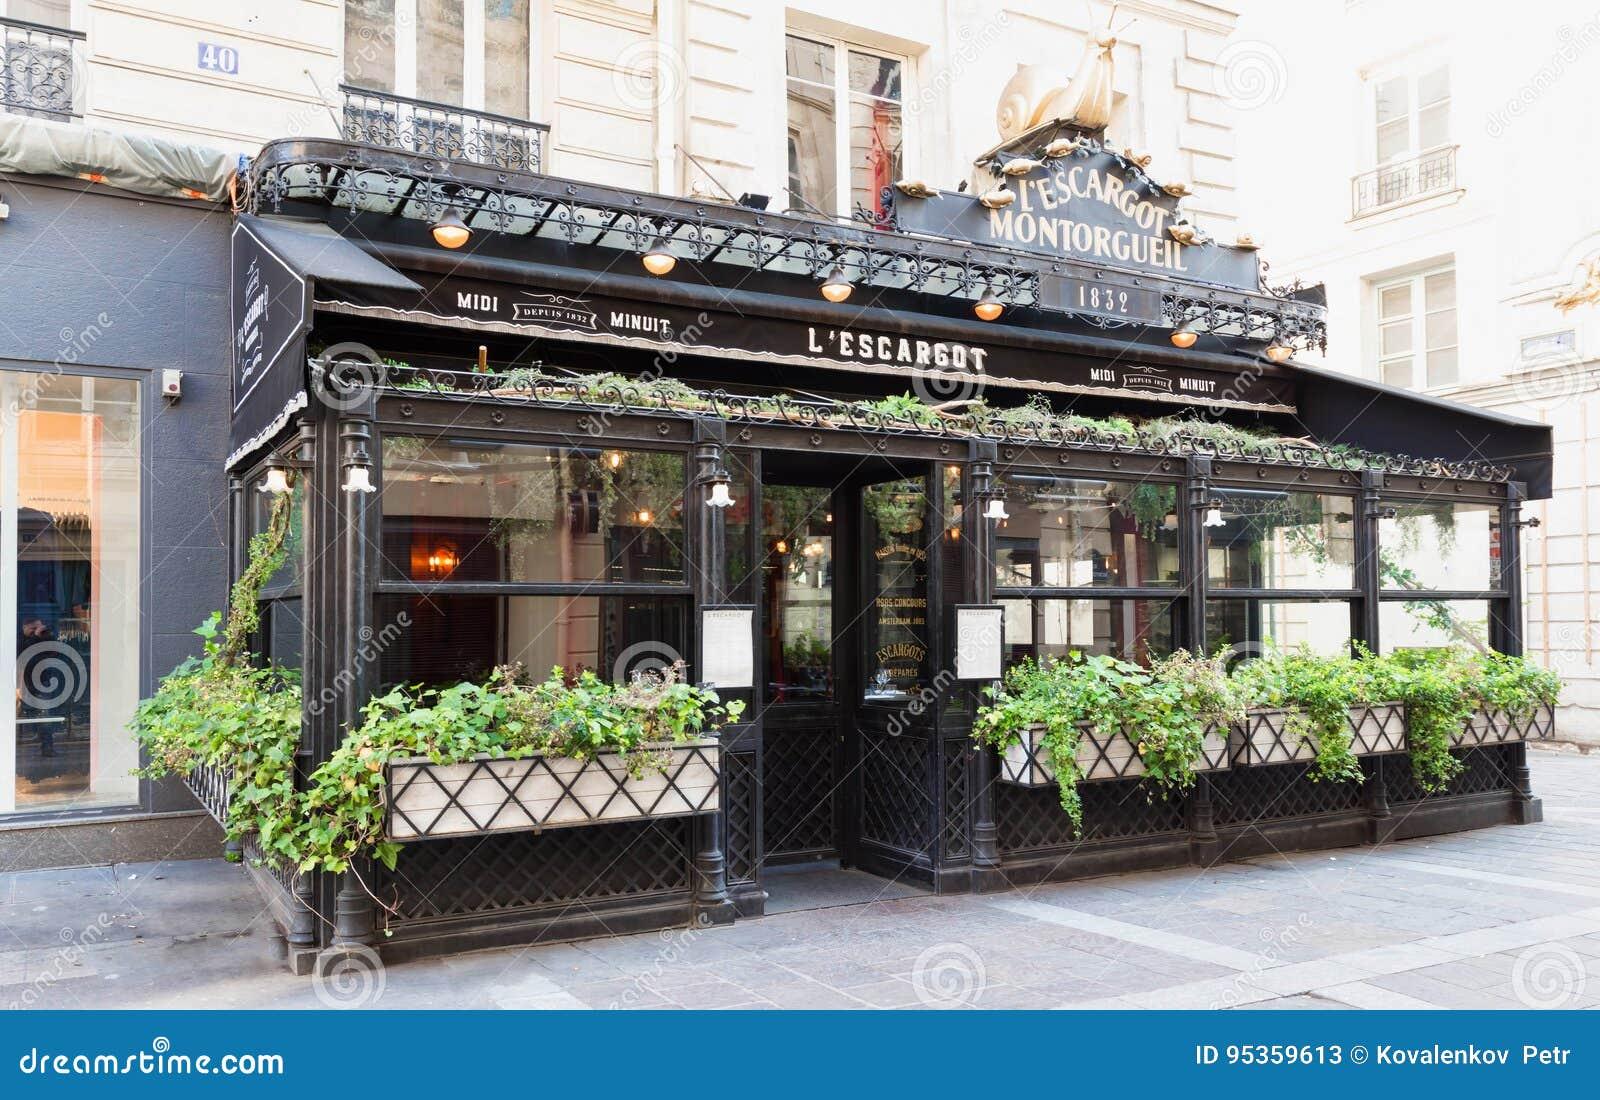 O escargot tradicional famoso dos restaurantes, Paris, França